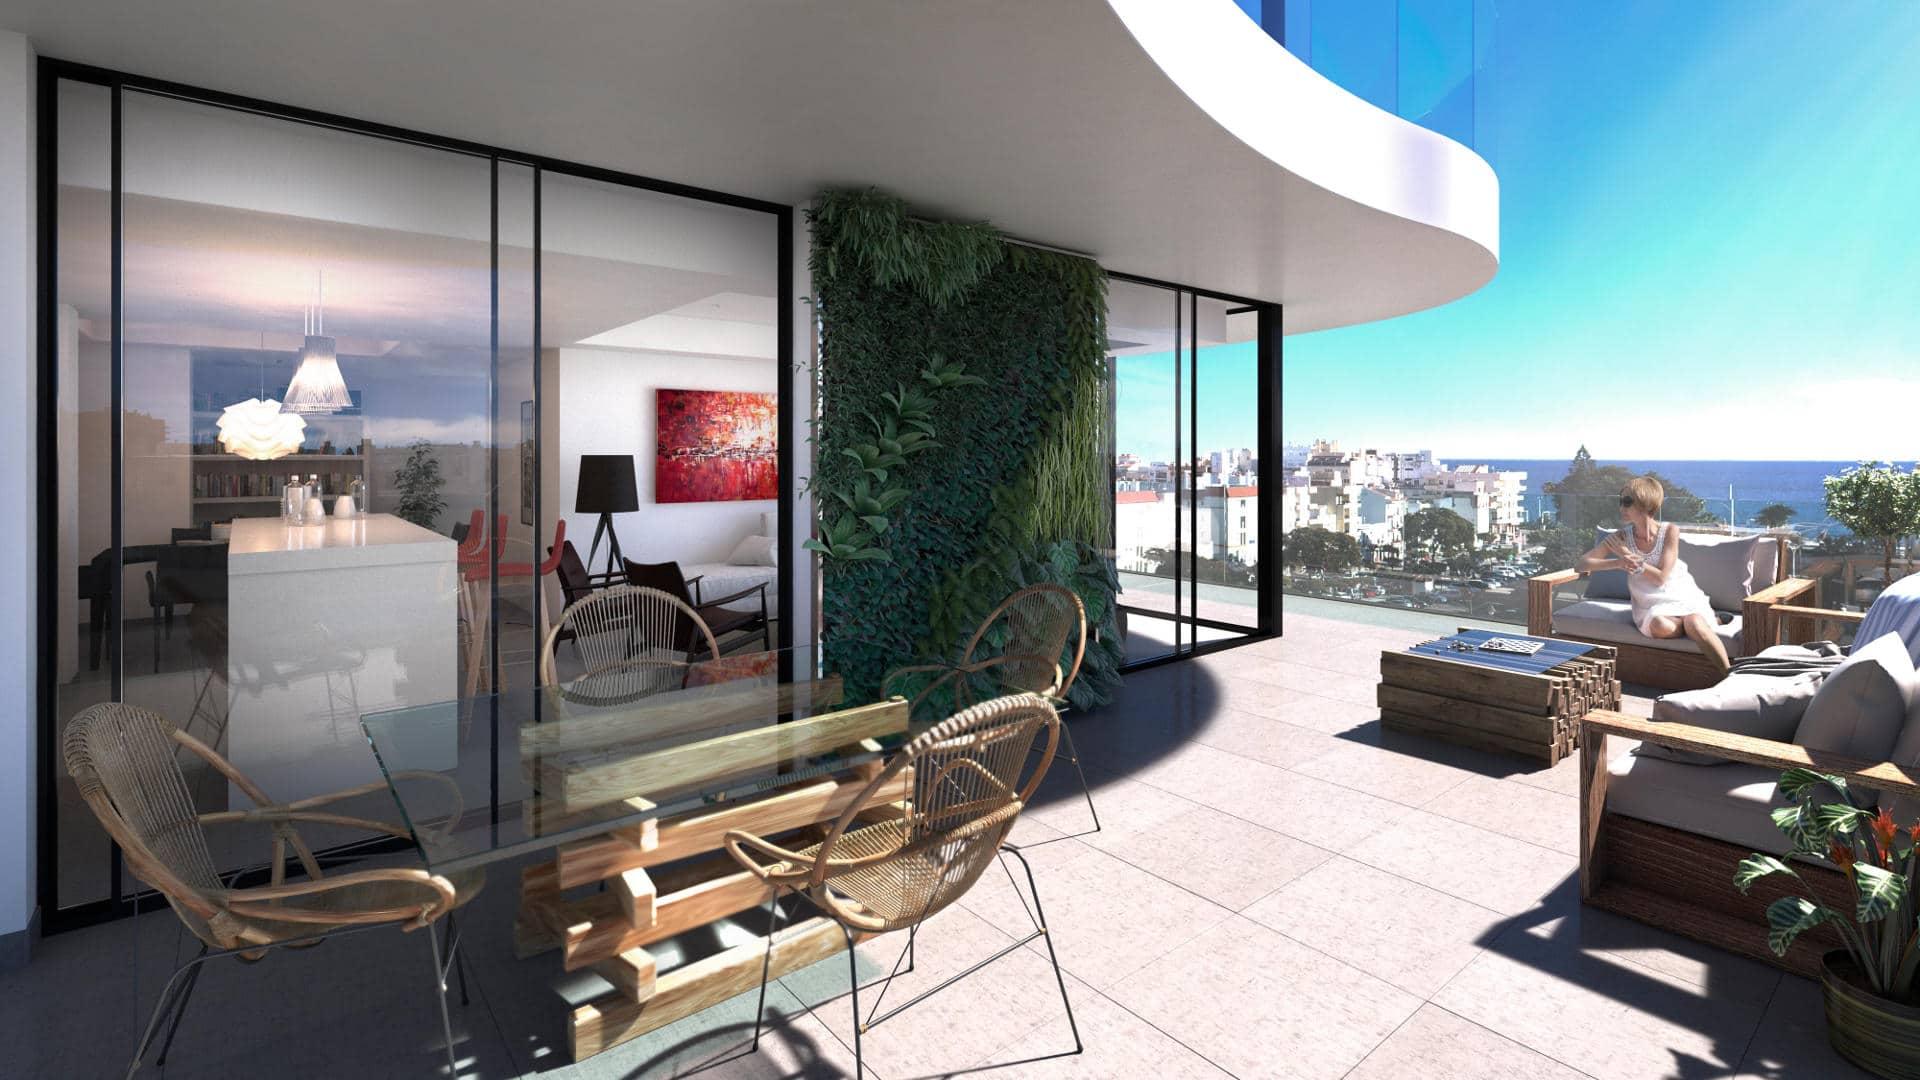 City centre Estepona penthouse for sale new contruction